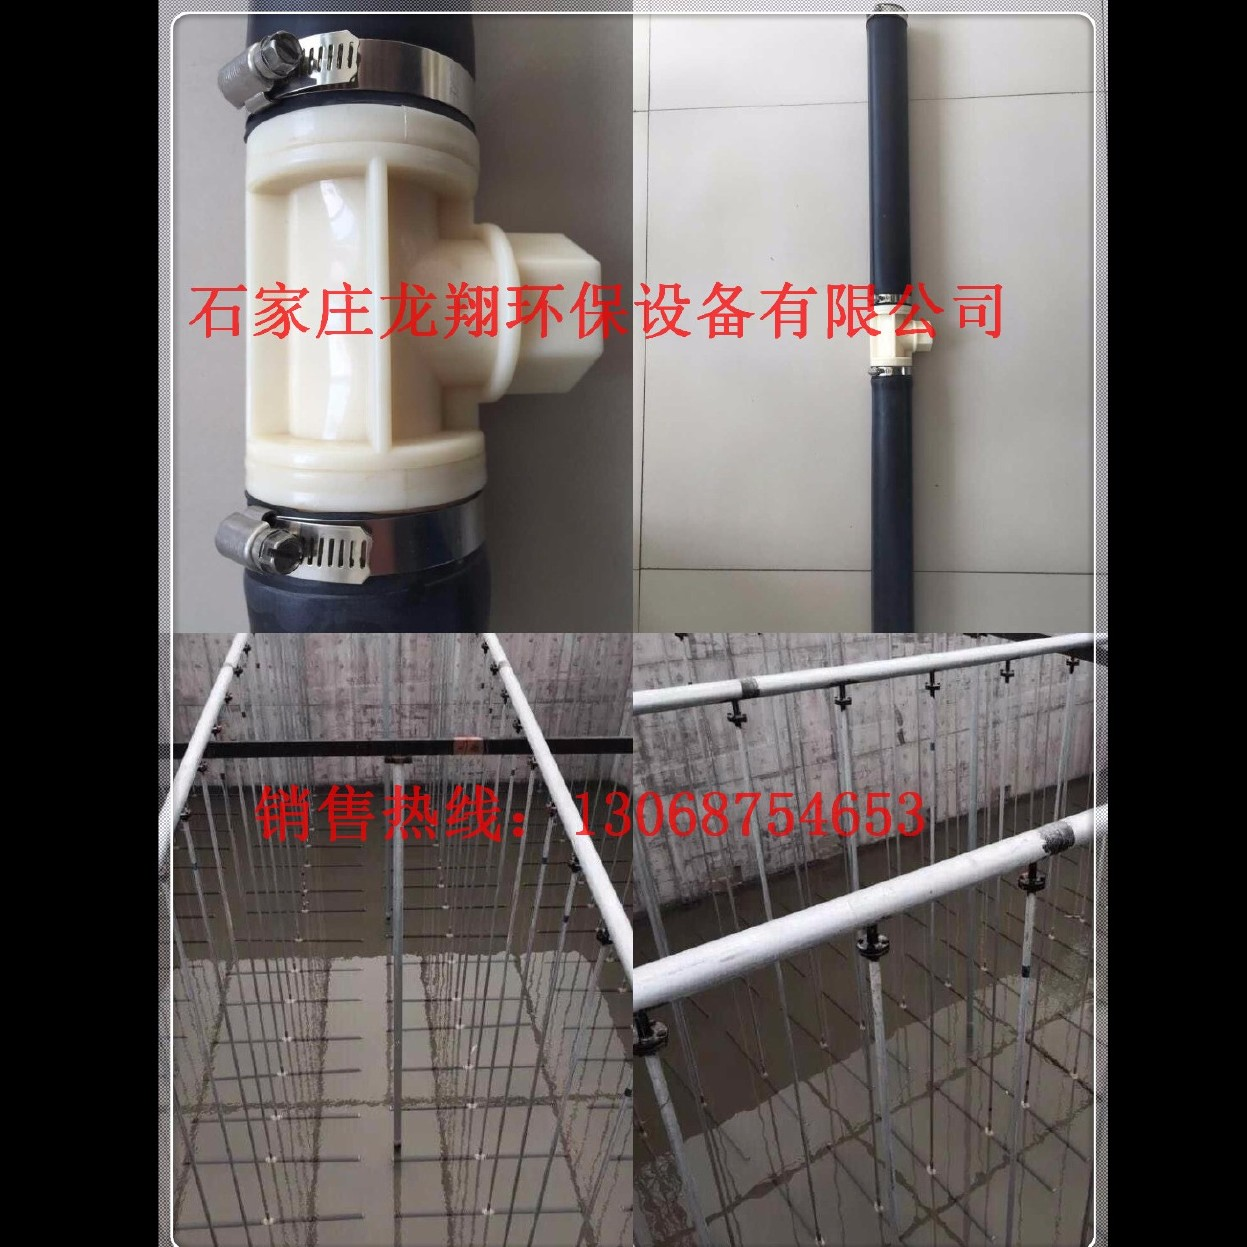 河北可提升曝气器 65管式曝气器  市场价格 厂家生产 微孔曝气管,可提升曝气管,可提升微孔曝气管,管式曝气器